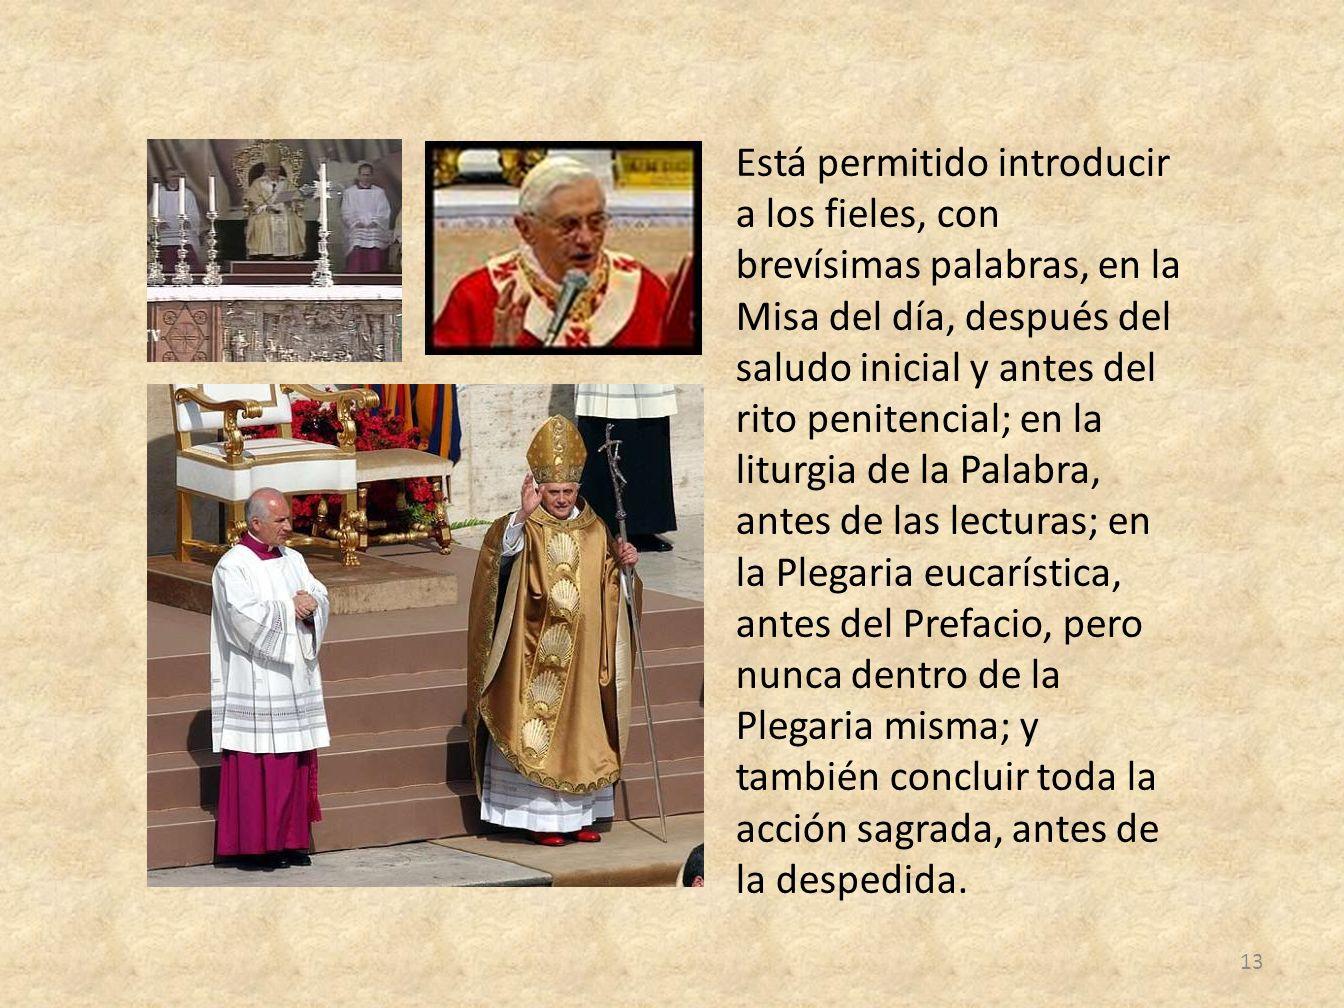 Está permitido introducir a los fieles, con brevísimas palabras, en la Misa del día, después del saludo inicial y antes del rito penitencial; en la li